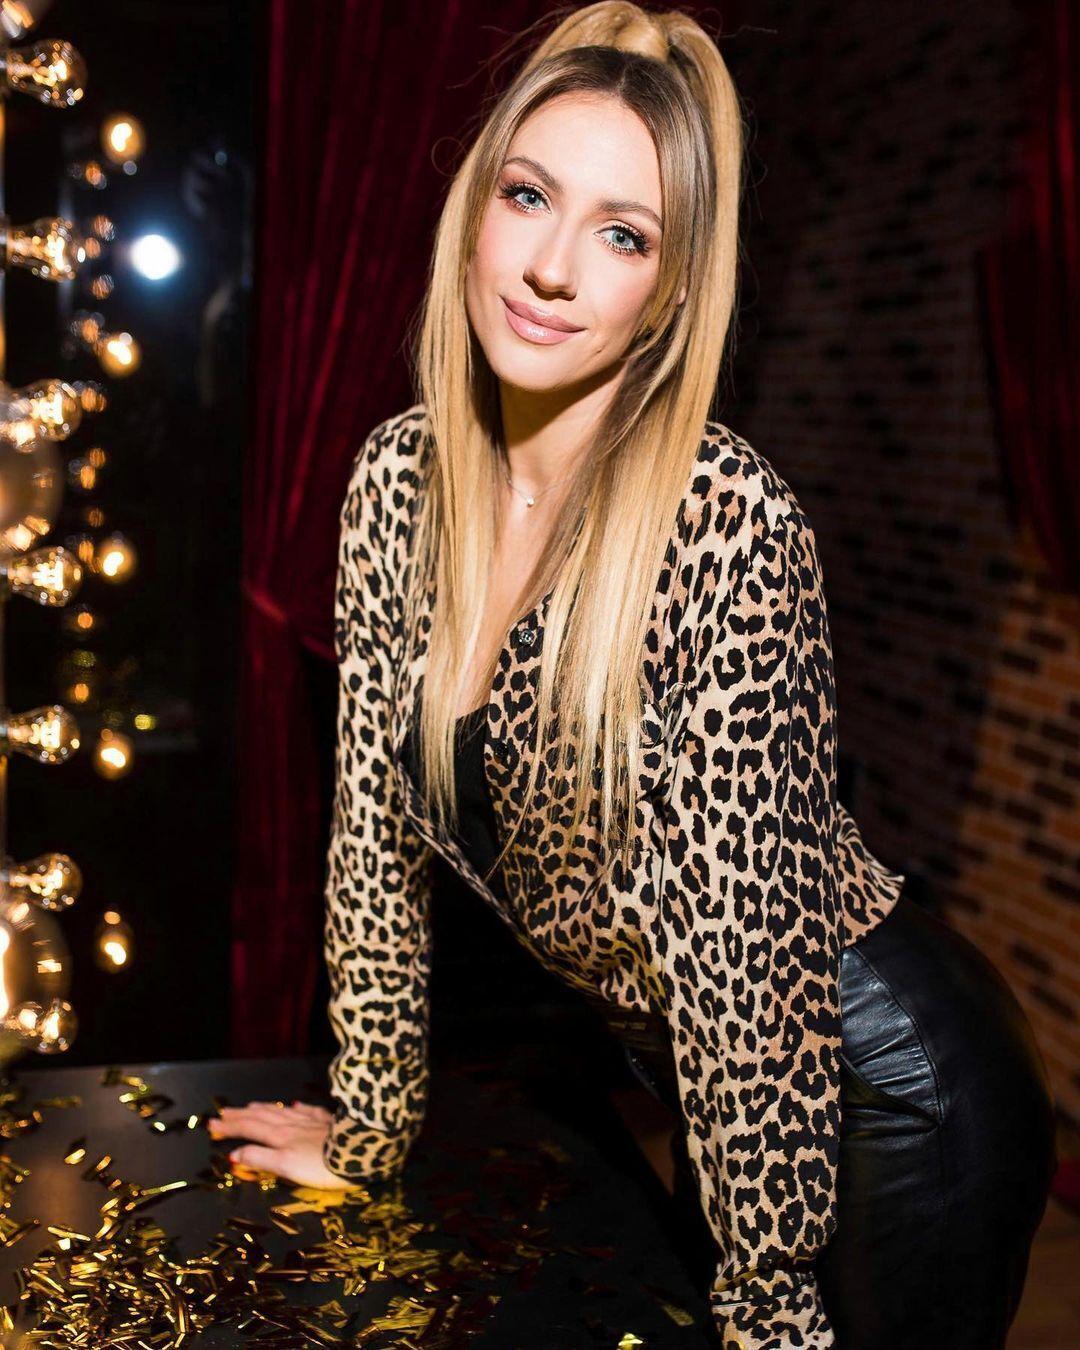 Леся Никитюк начала свою карьеру в 2011 году